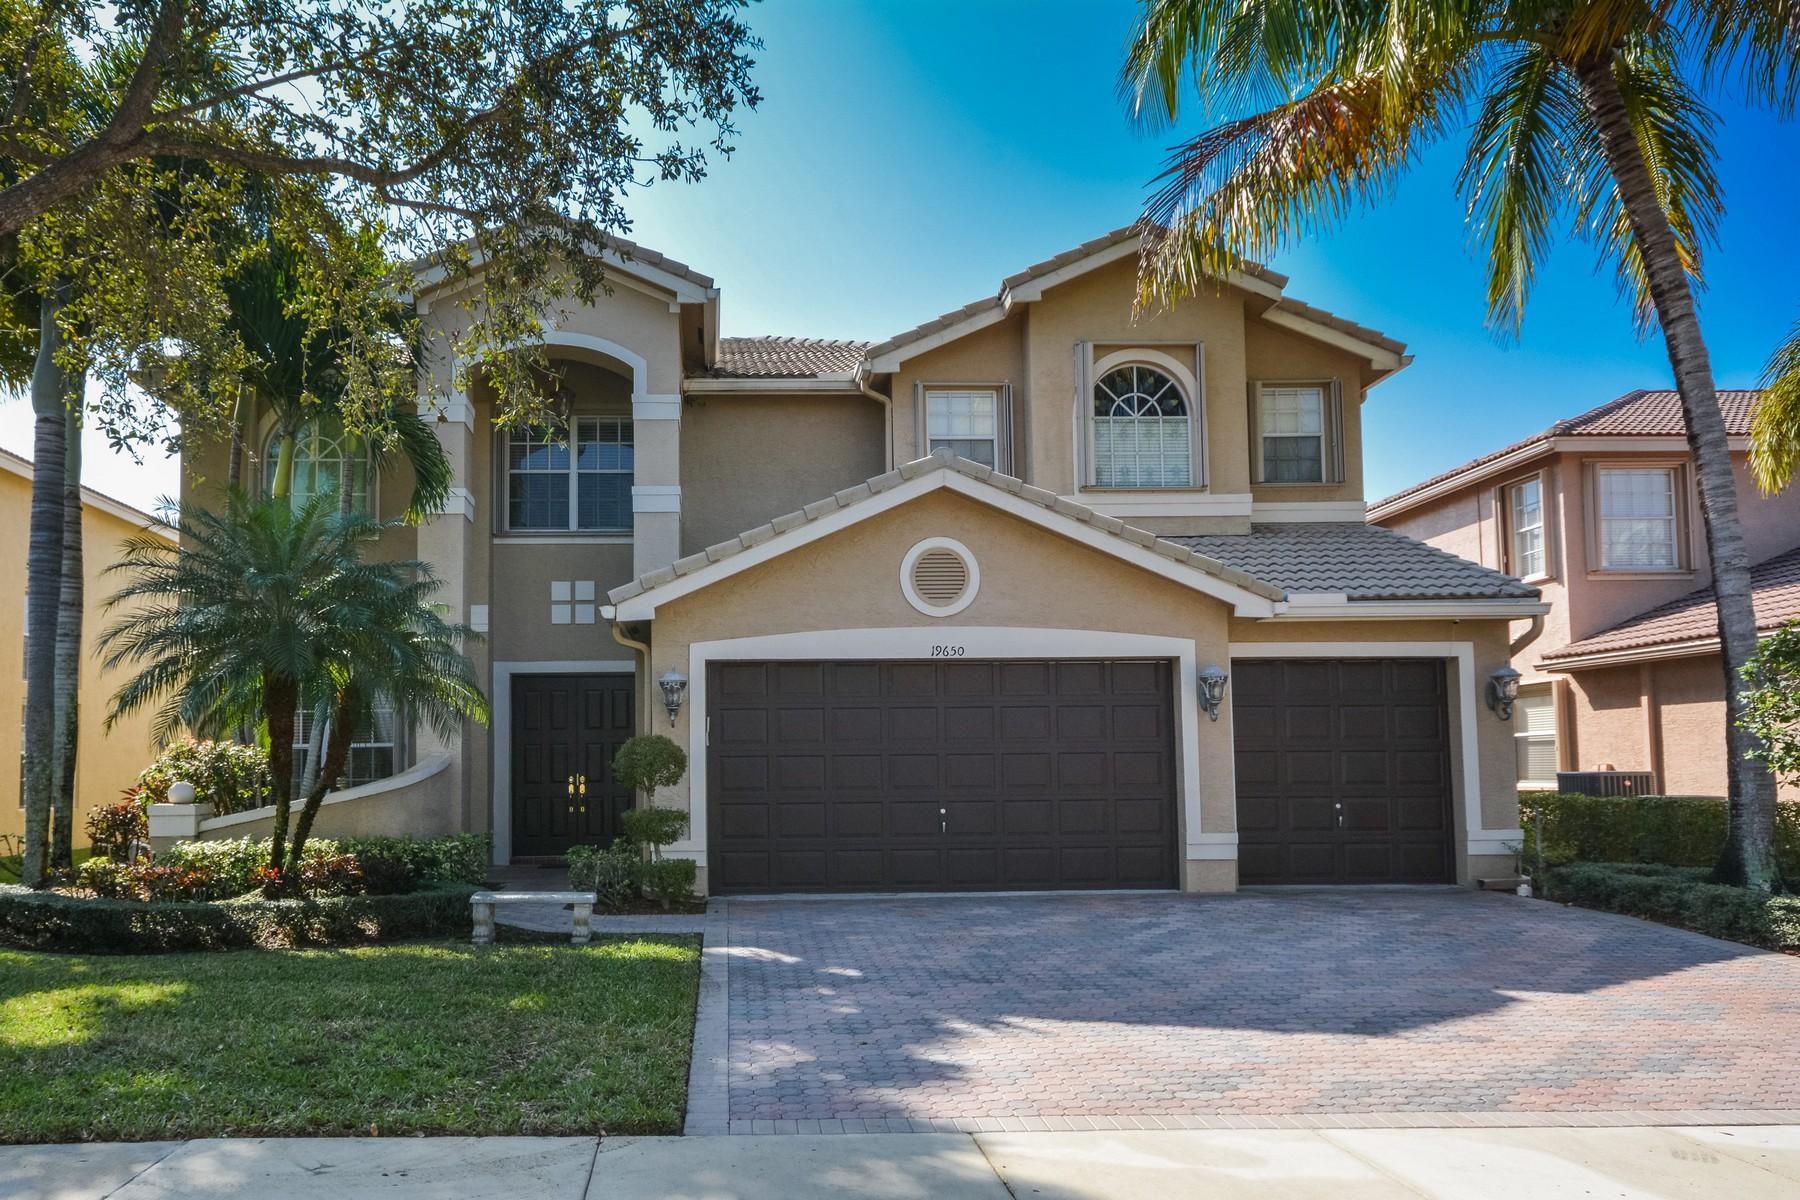 Einfamilienhaus für Verkauf beim 19650 Estuary Dr , Boca Raton, FL 33498 19650 Estuary Dr Boca Raton, Florida, 33498 Vereinigte Staaten